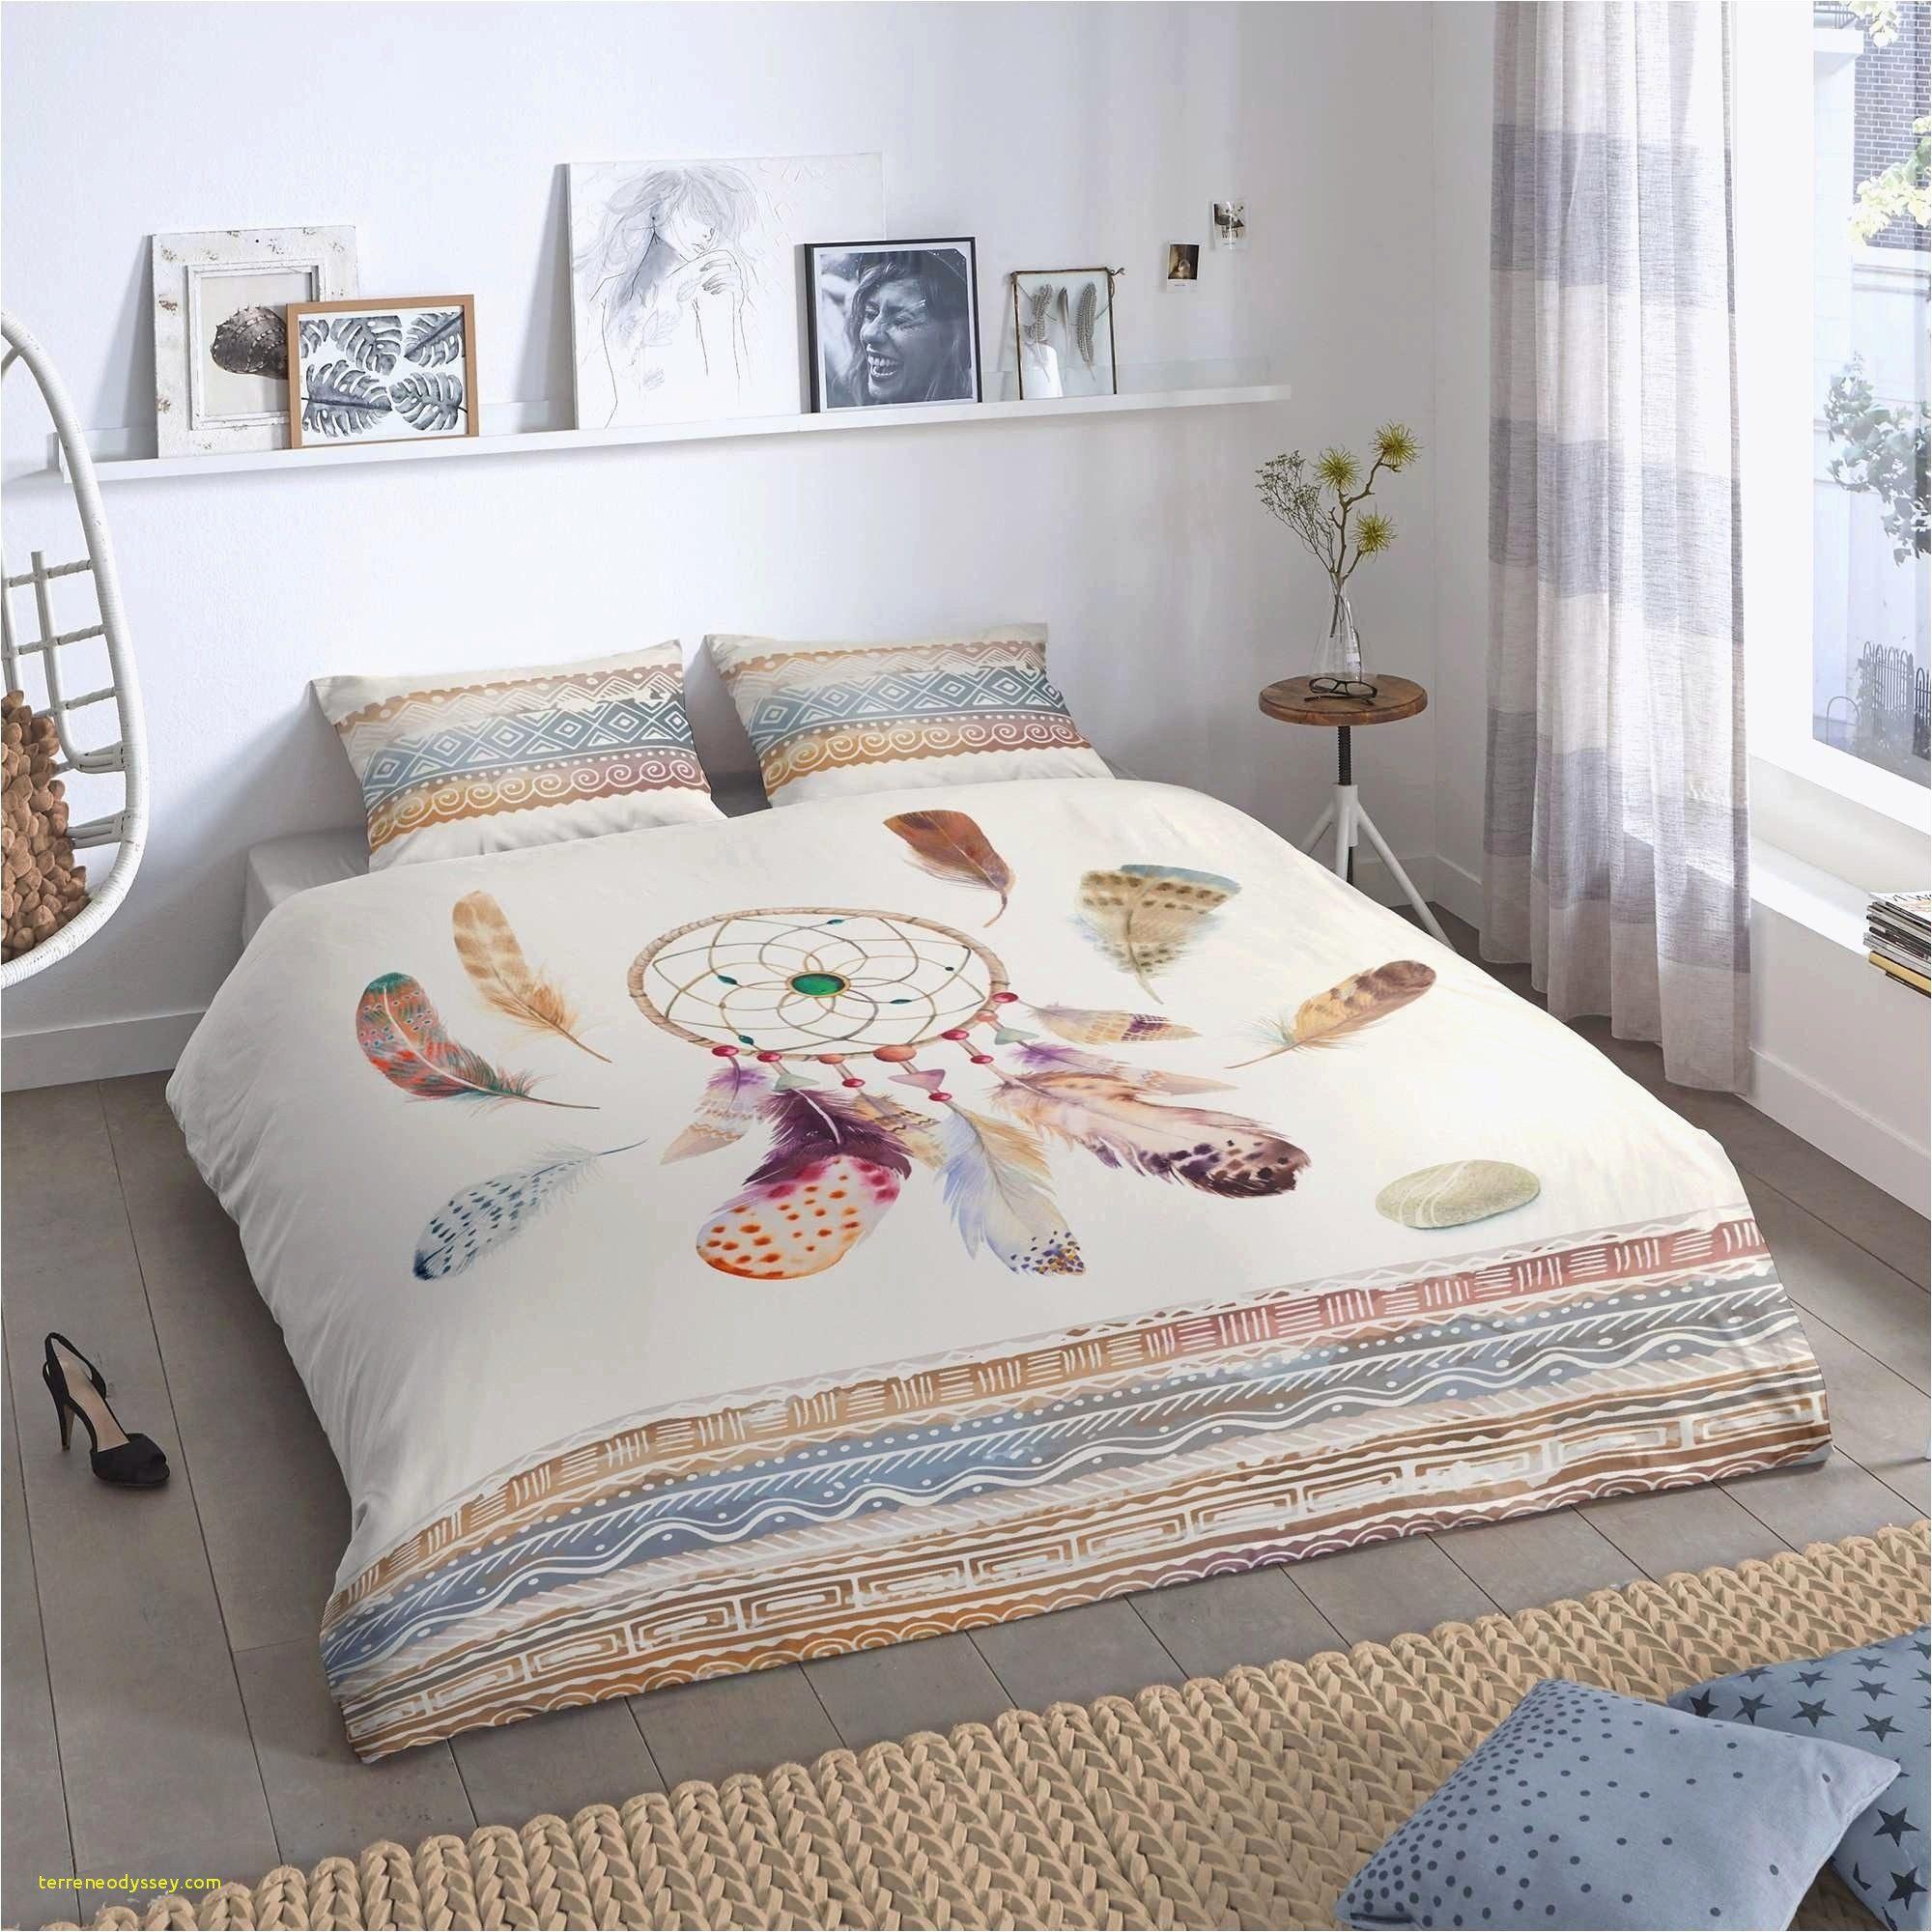 Lit 2 Personnes Inspirant Résultat Supérieur Lit Design Beau Lit Armoire Lovely Lit Mezzanine